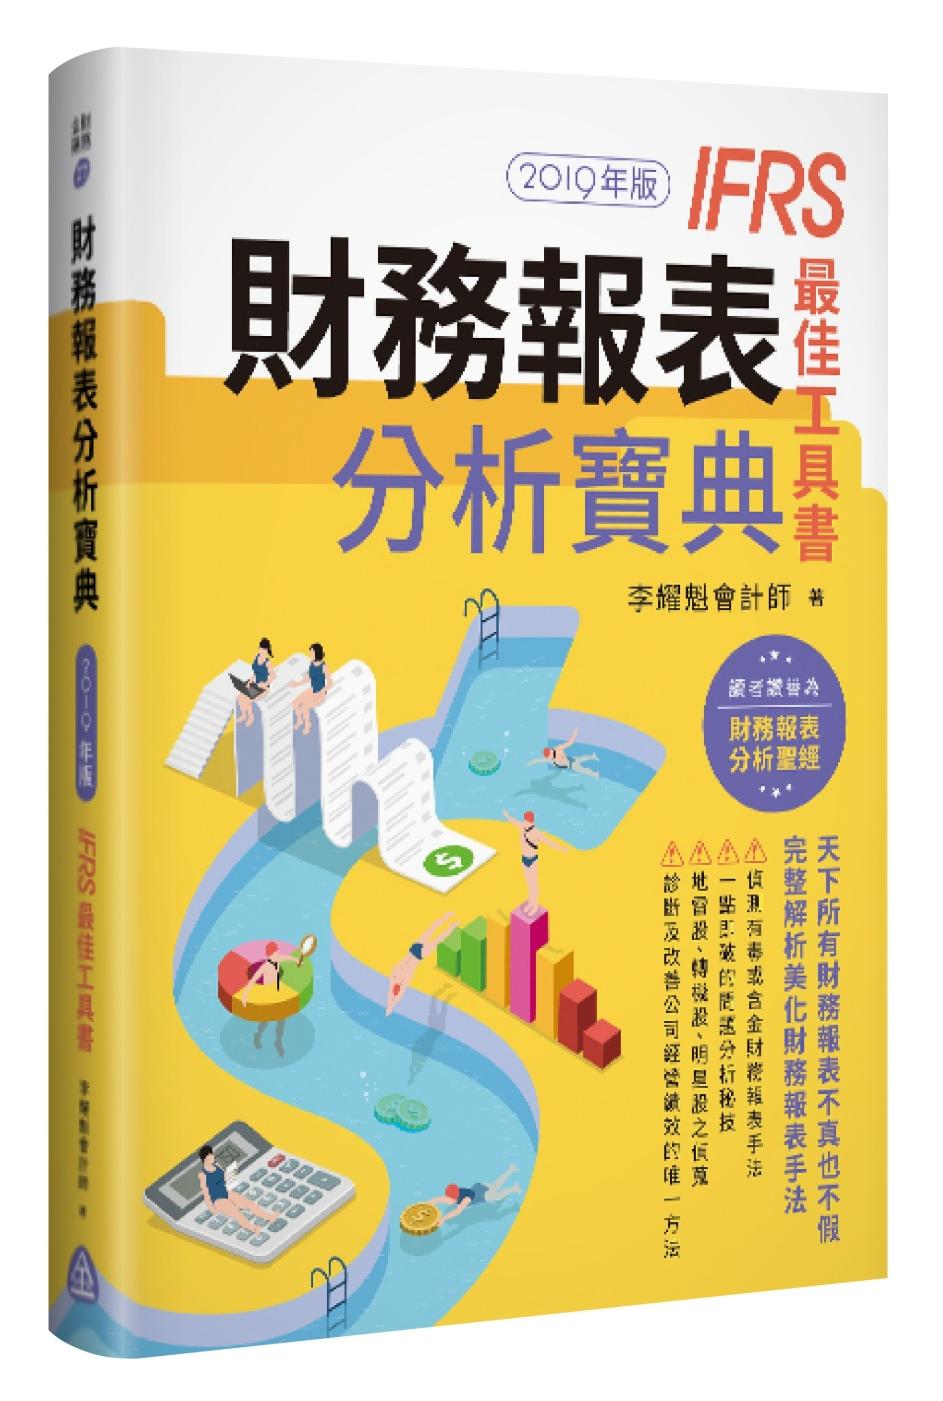 財務報表分析寶典 IFRS最佳工具書(2019年版)